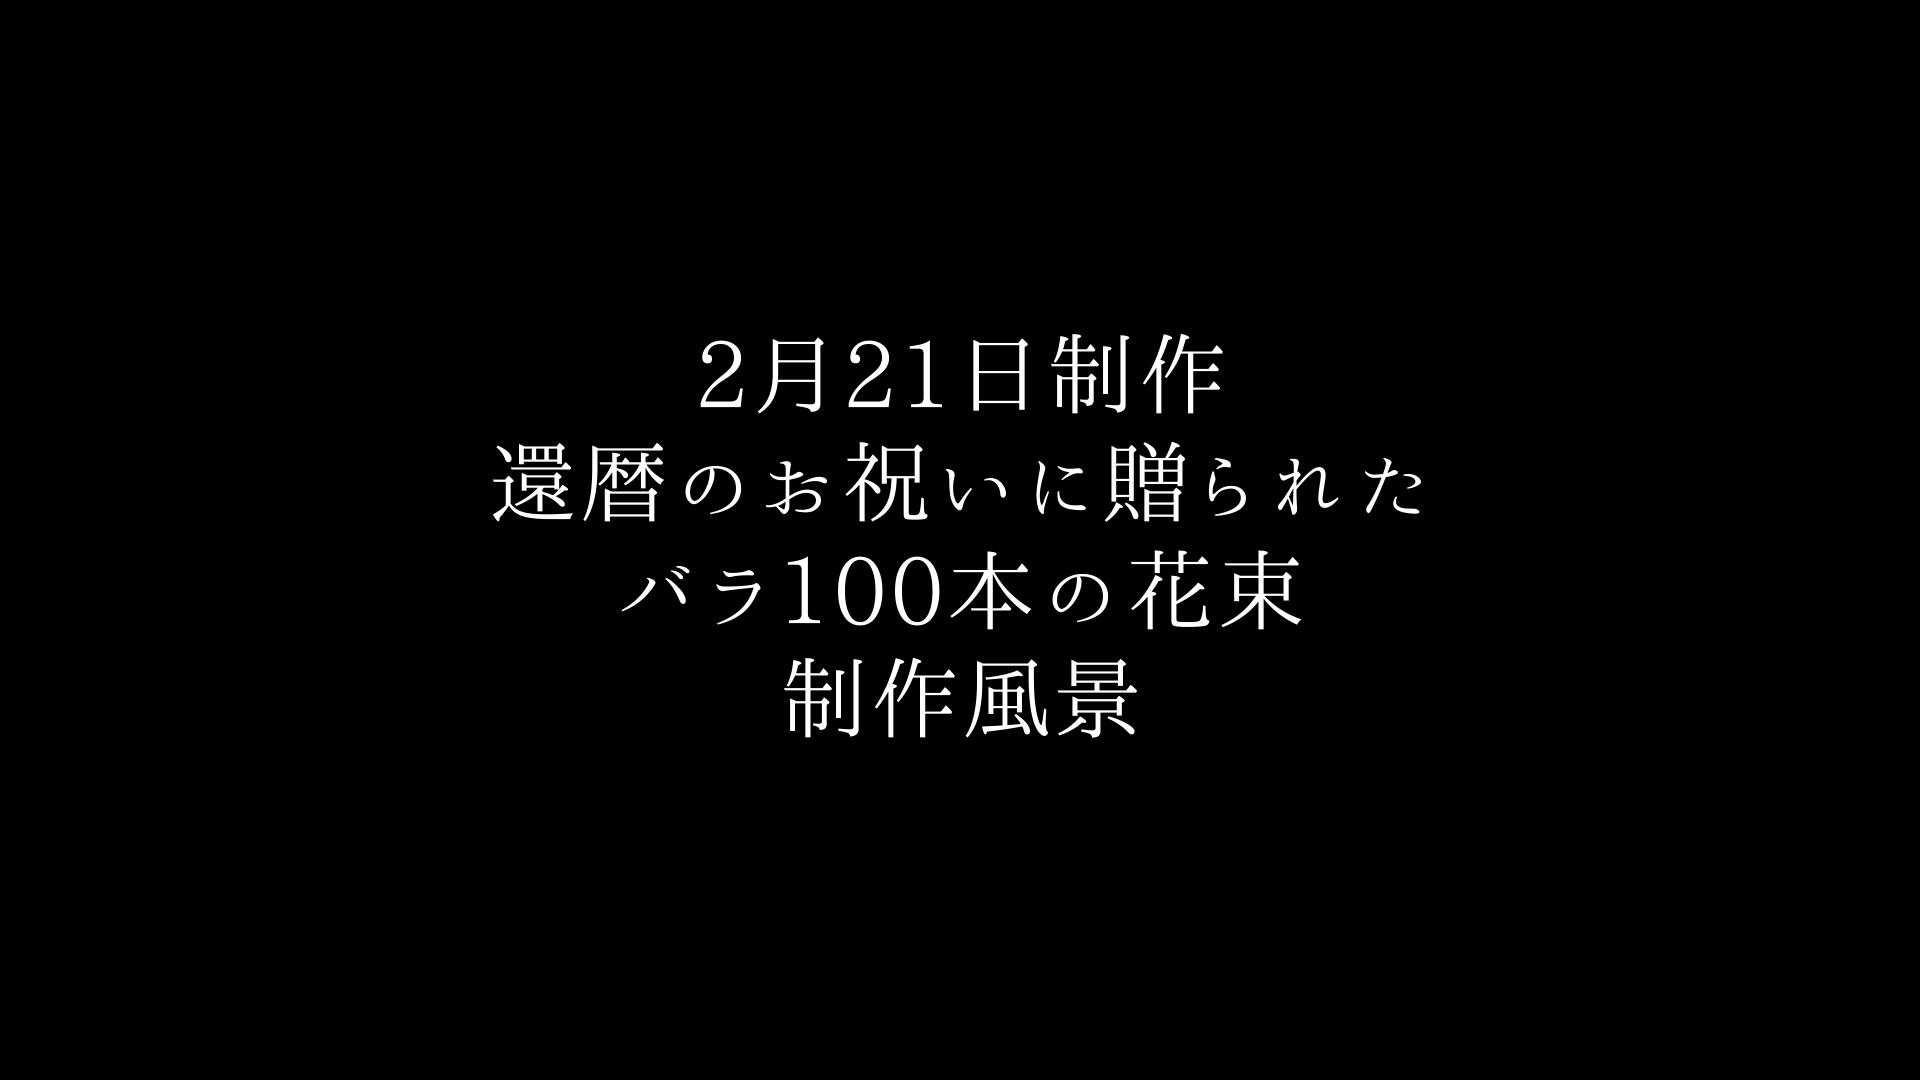 【還暦祝いに贈る】バラ100本の花束制作動画 2021.02.21撮影